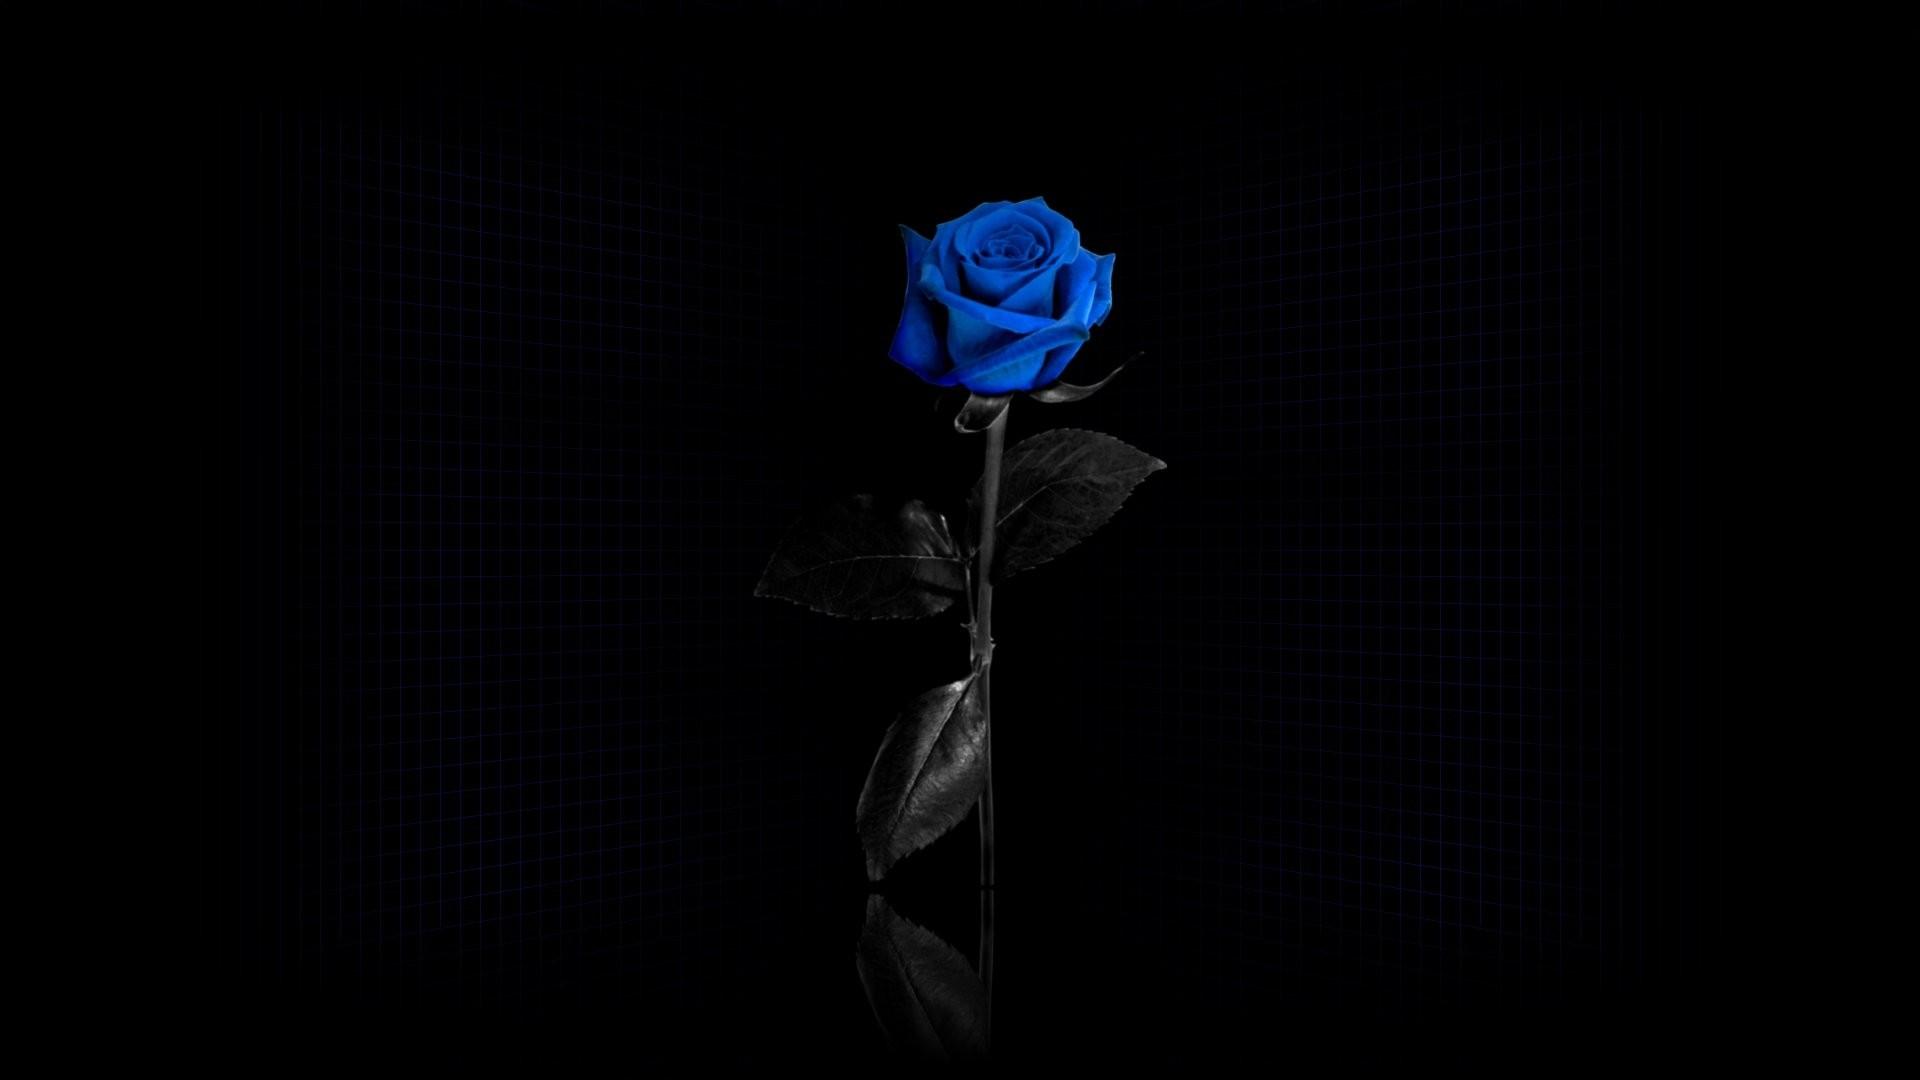 Download Wallpaper rose, flower, blue, black .